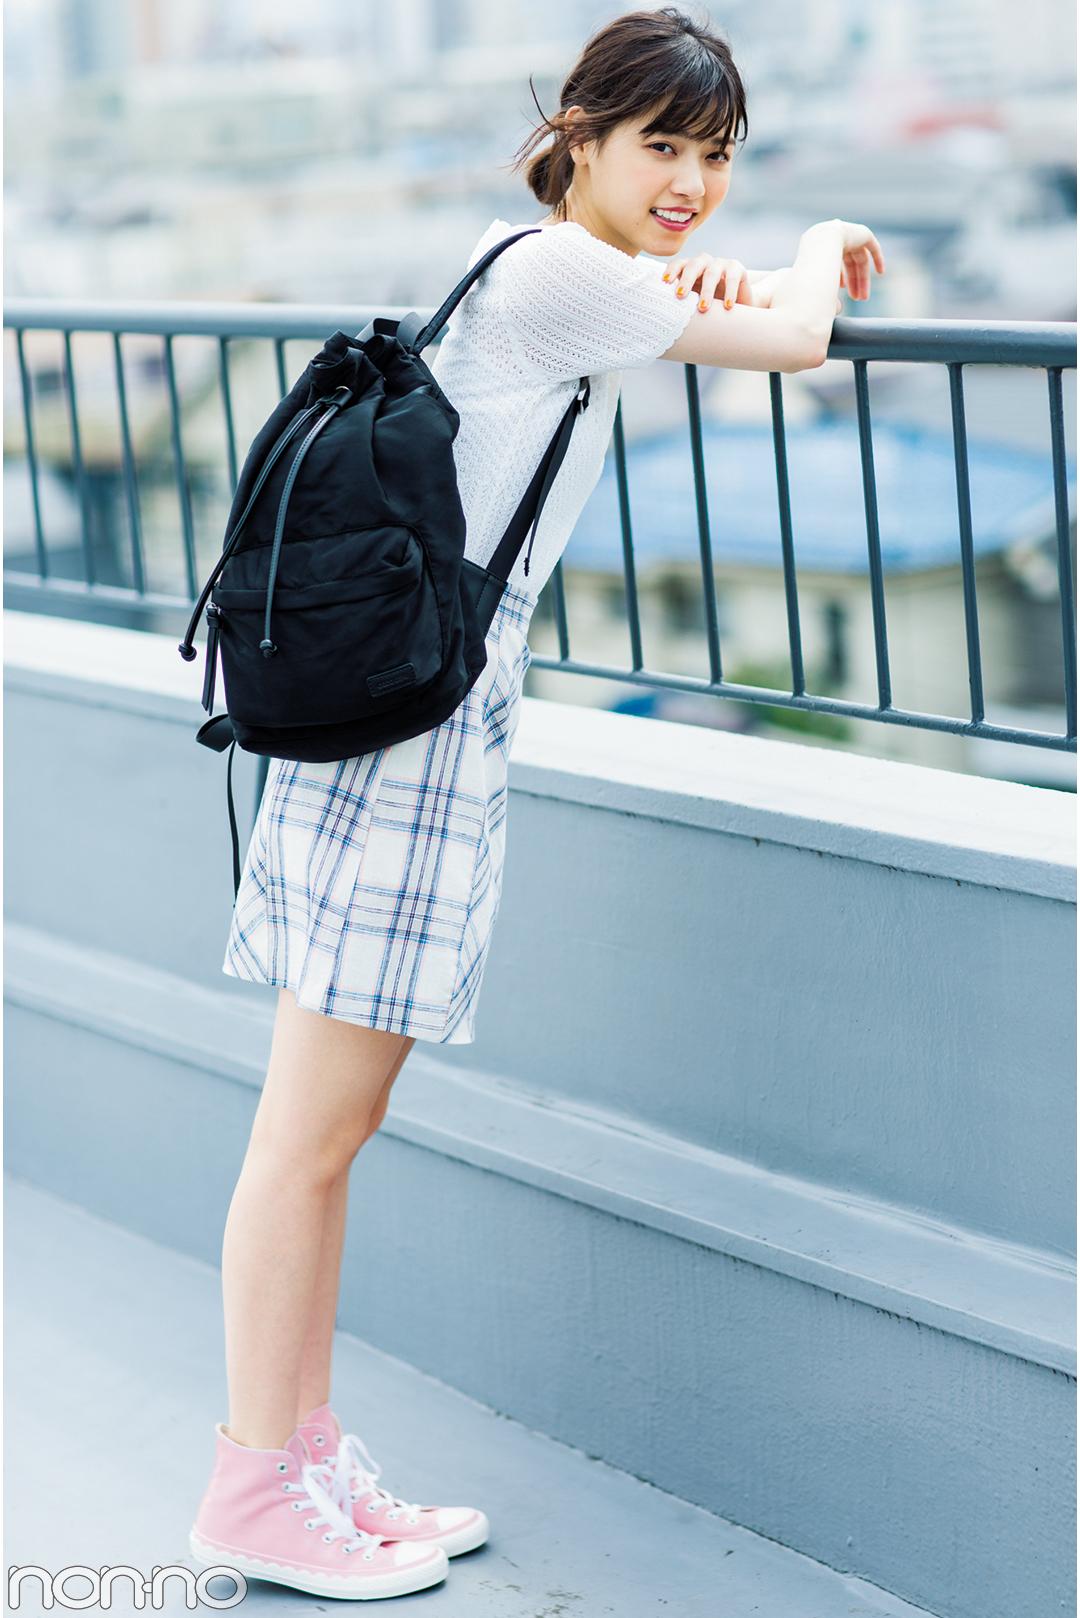 """子どもっぽく見えない!西野七瀬の""""甘く着ない""""夏のミニスカートが可愛い♡_1_3-4"""